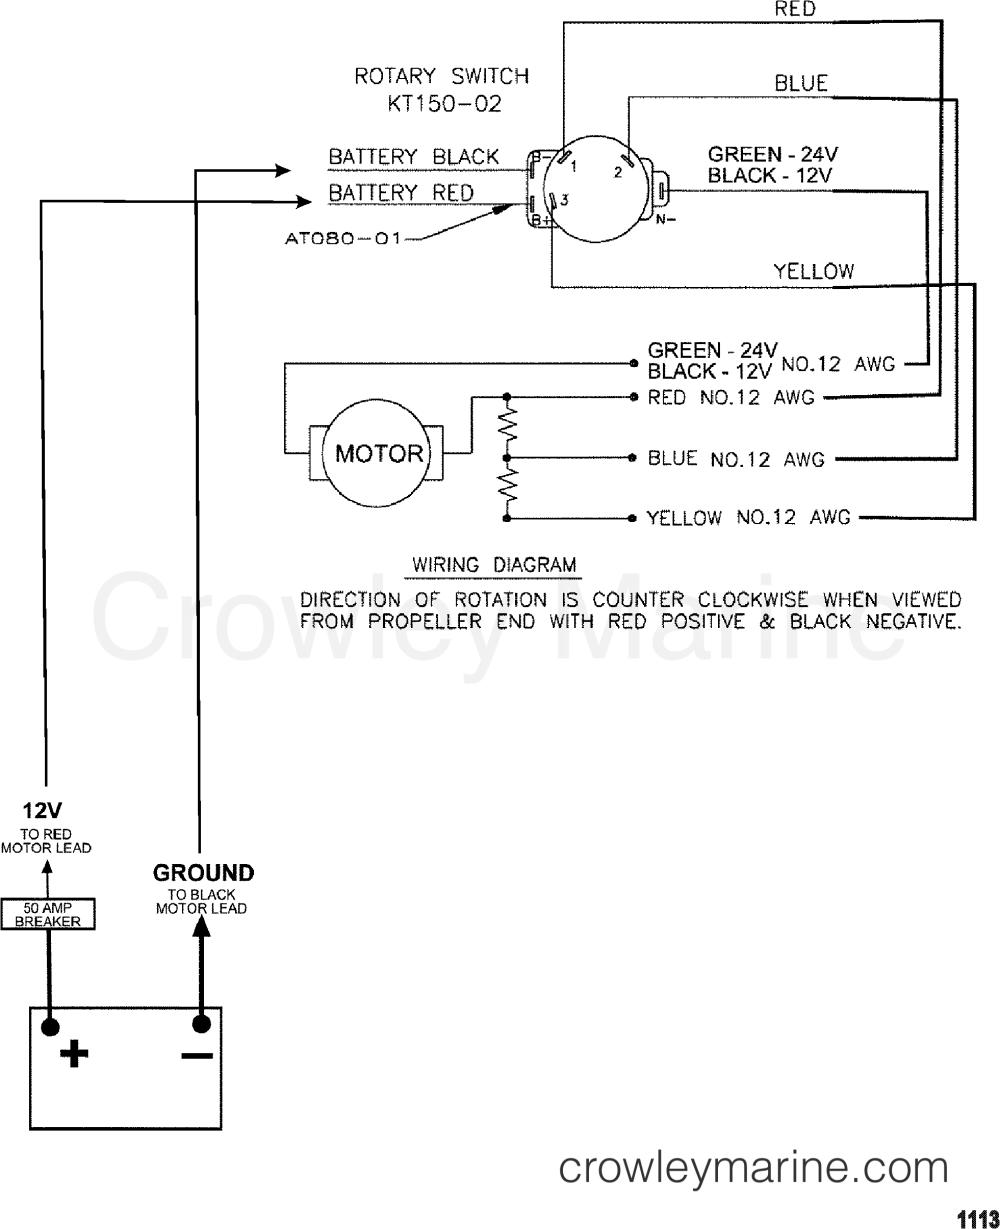 medium resolution of 1995 motorguide 12v motorguide 9gwt358r1 wire diagram model gwb43 gwt43